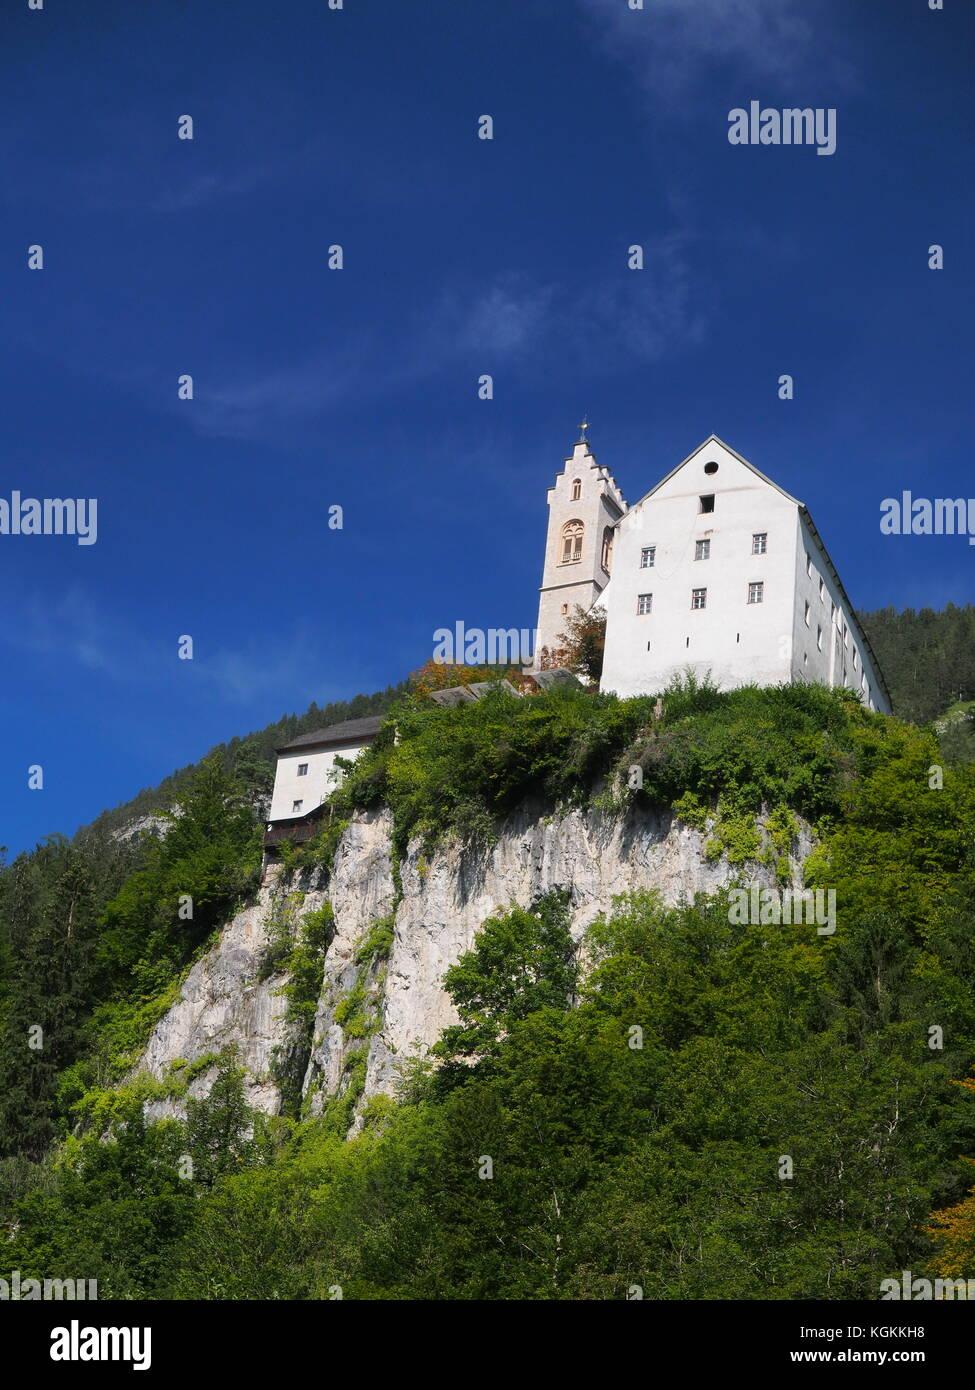 Vue sur le lieu de pèlerinage st. georgenberg avec un beau ciel bleu en arrière-plan Banque D'Images